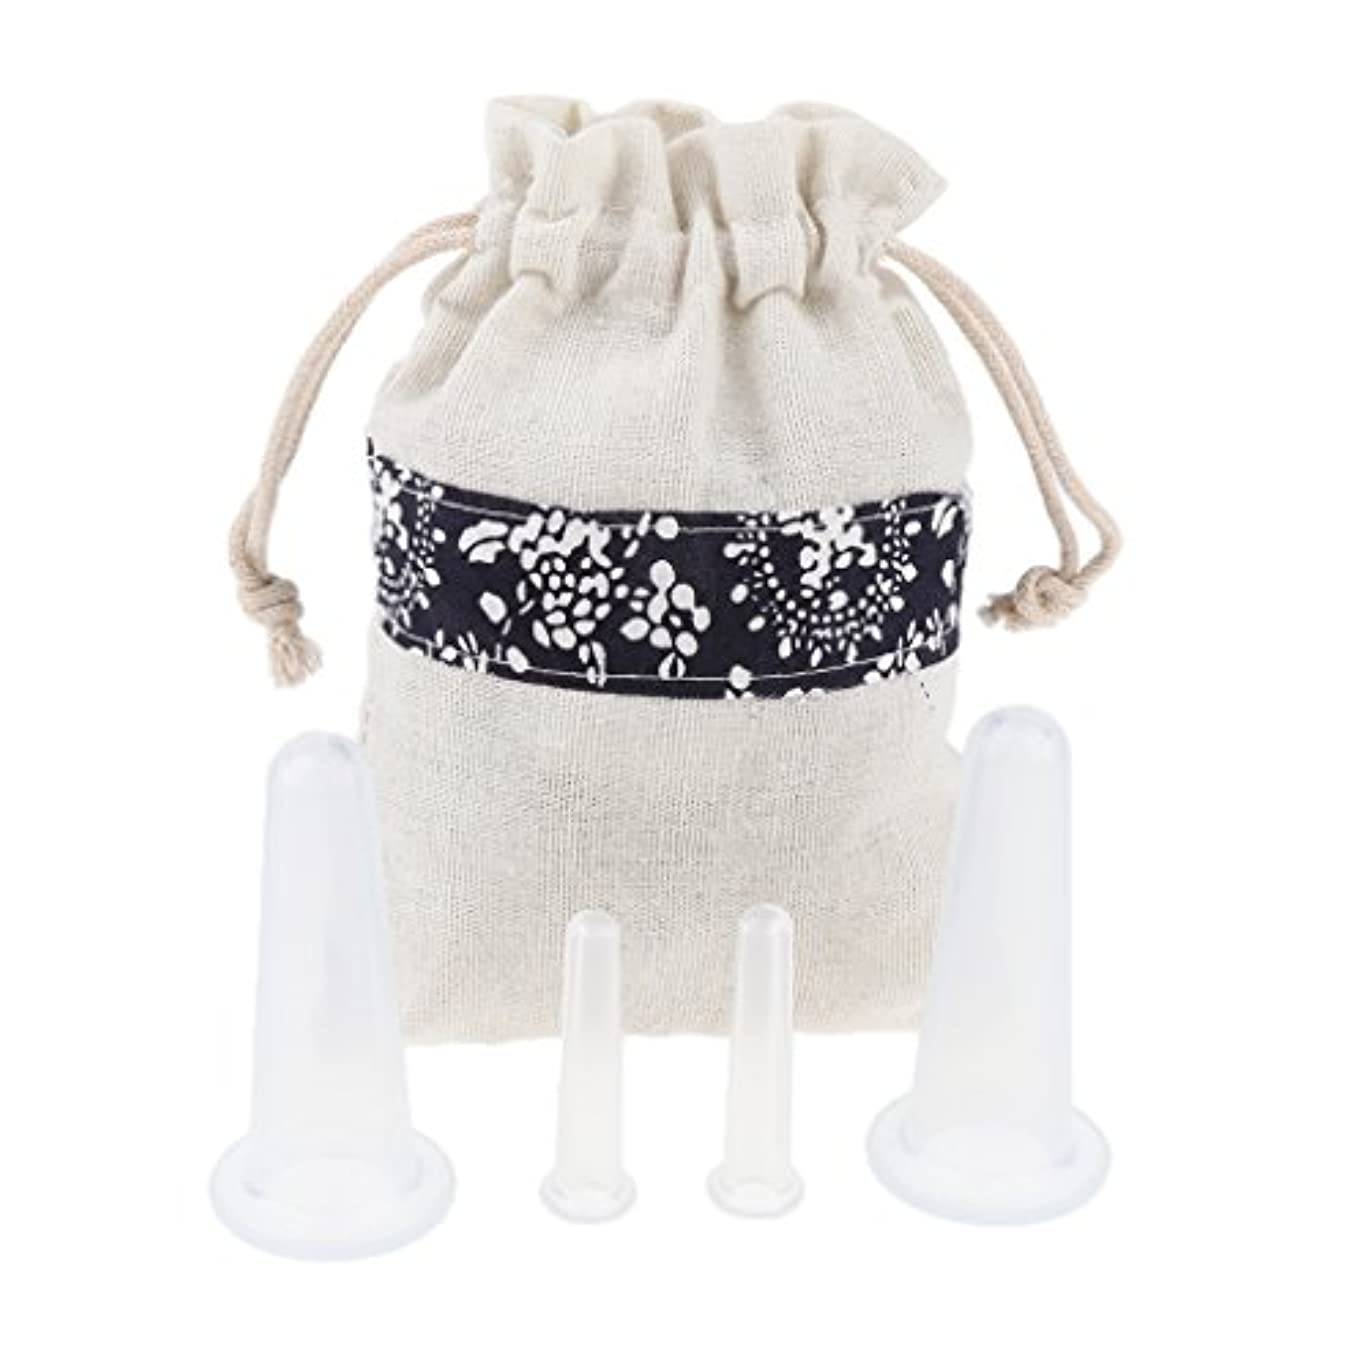 素晴らしい良い多くの寝る気づくFenteer 4個 マッサージカップ カッピング ボディー マッサージ カップ 収納ポーチ 収納袋